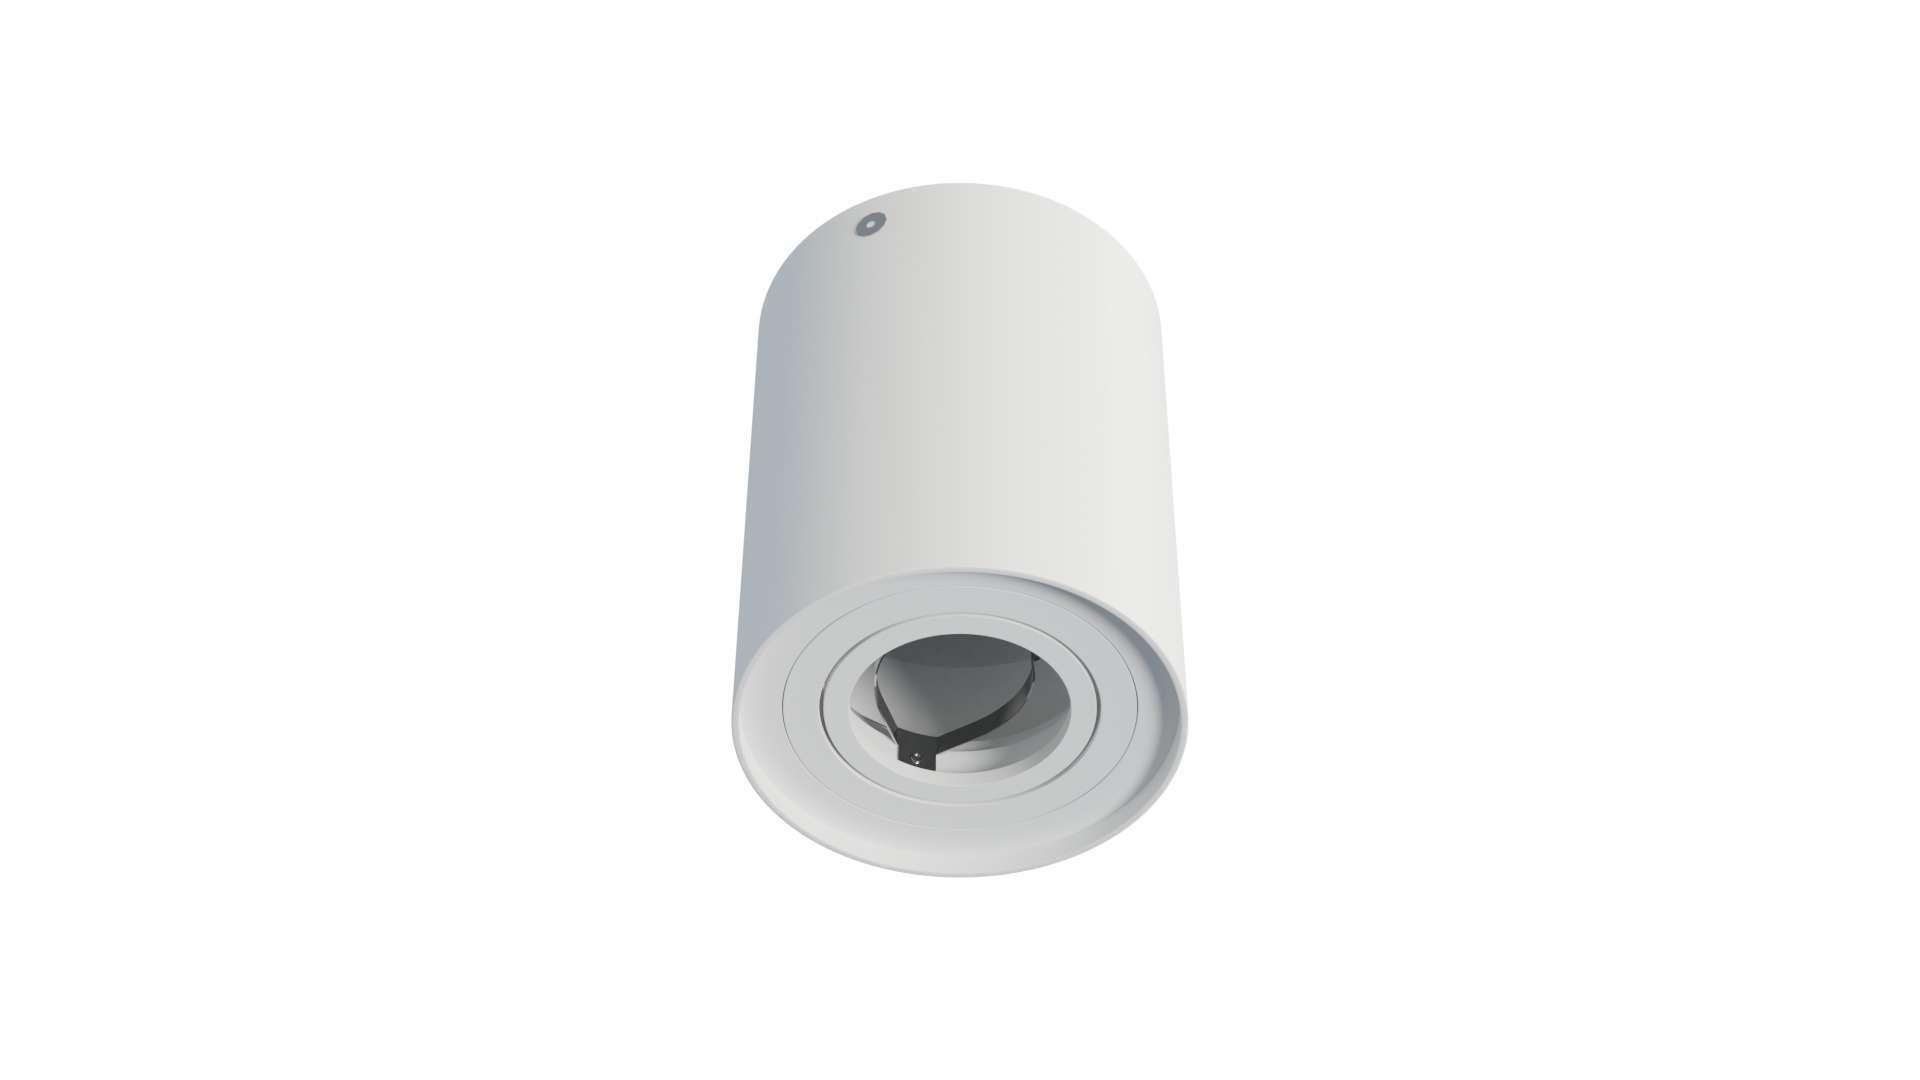 Oprawa natynkowa TUBE okrągła biała